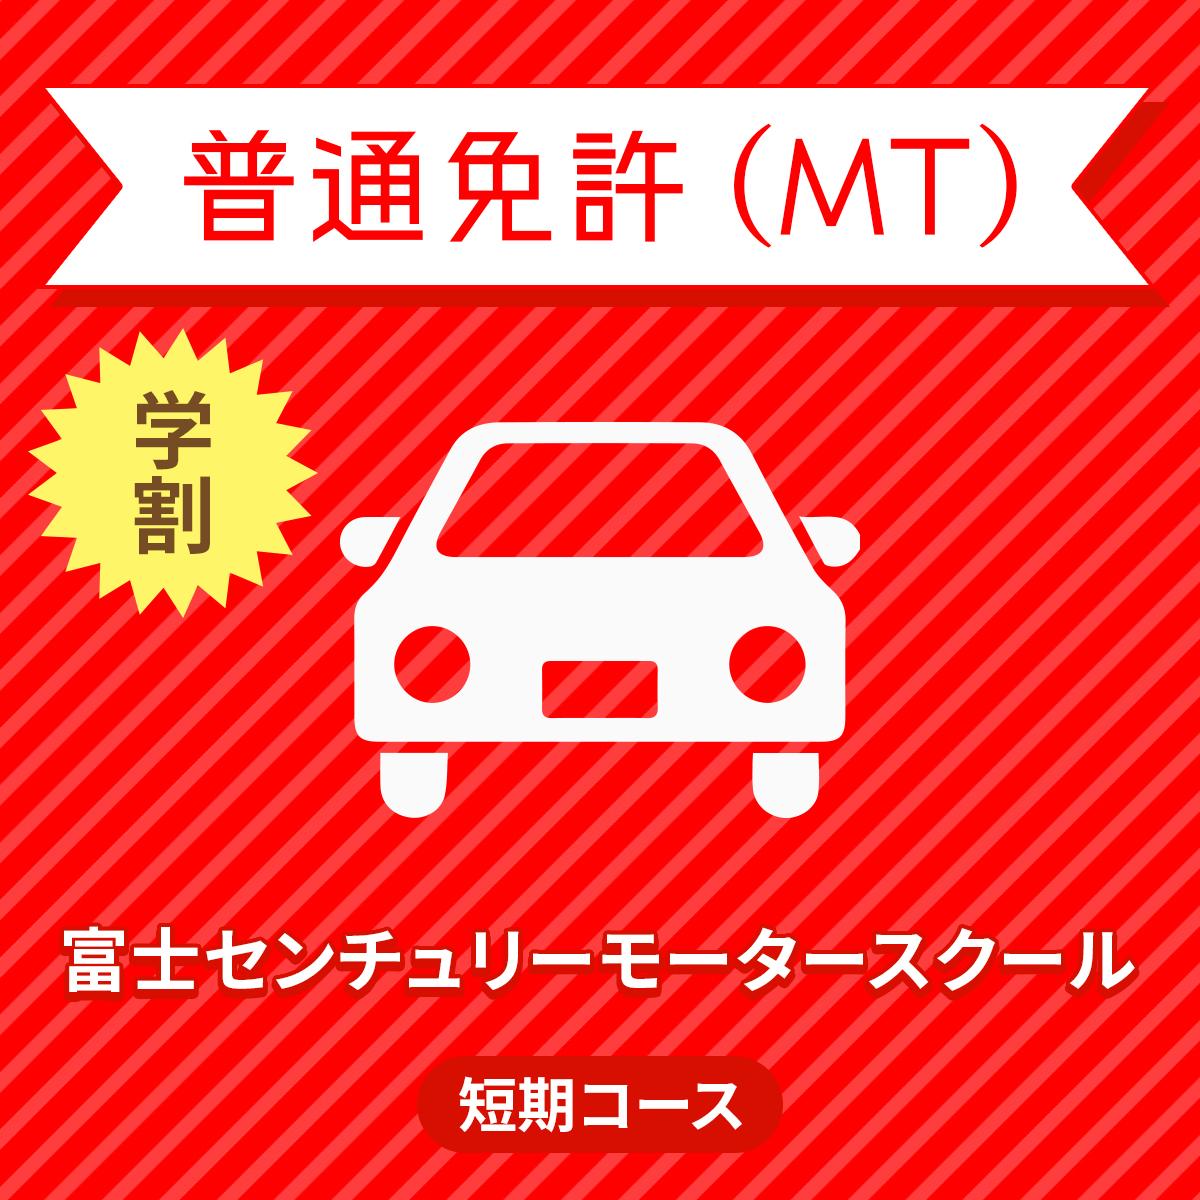 【静岡県裾野市】普通車MT短期コース(学生料金)<免許なし/原付免許所持対象>